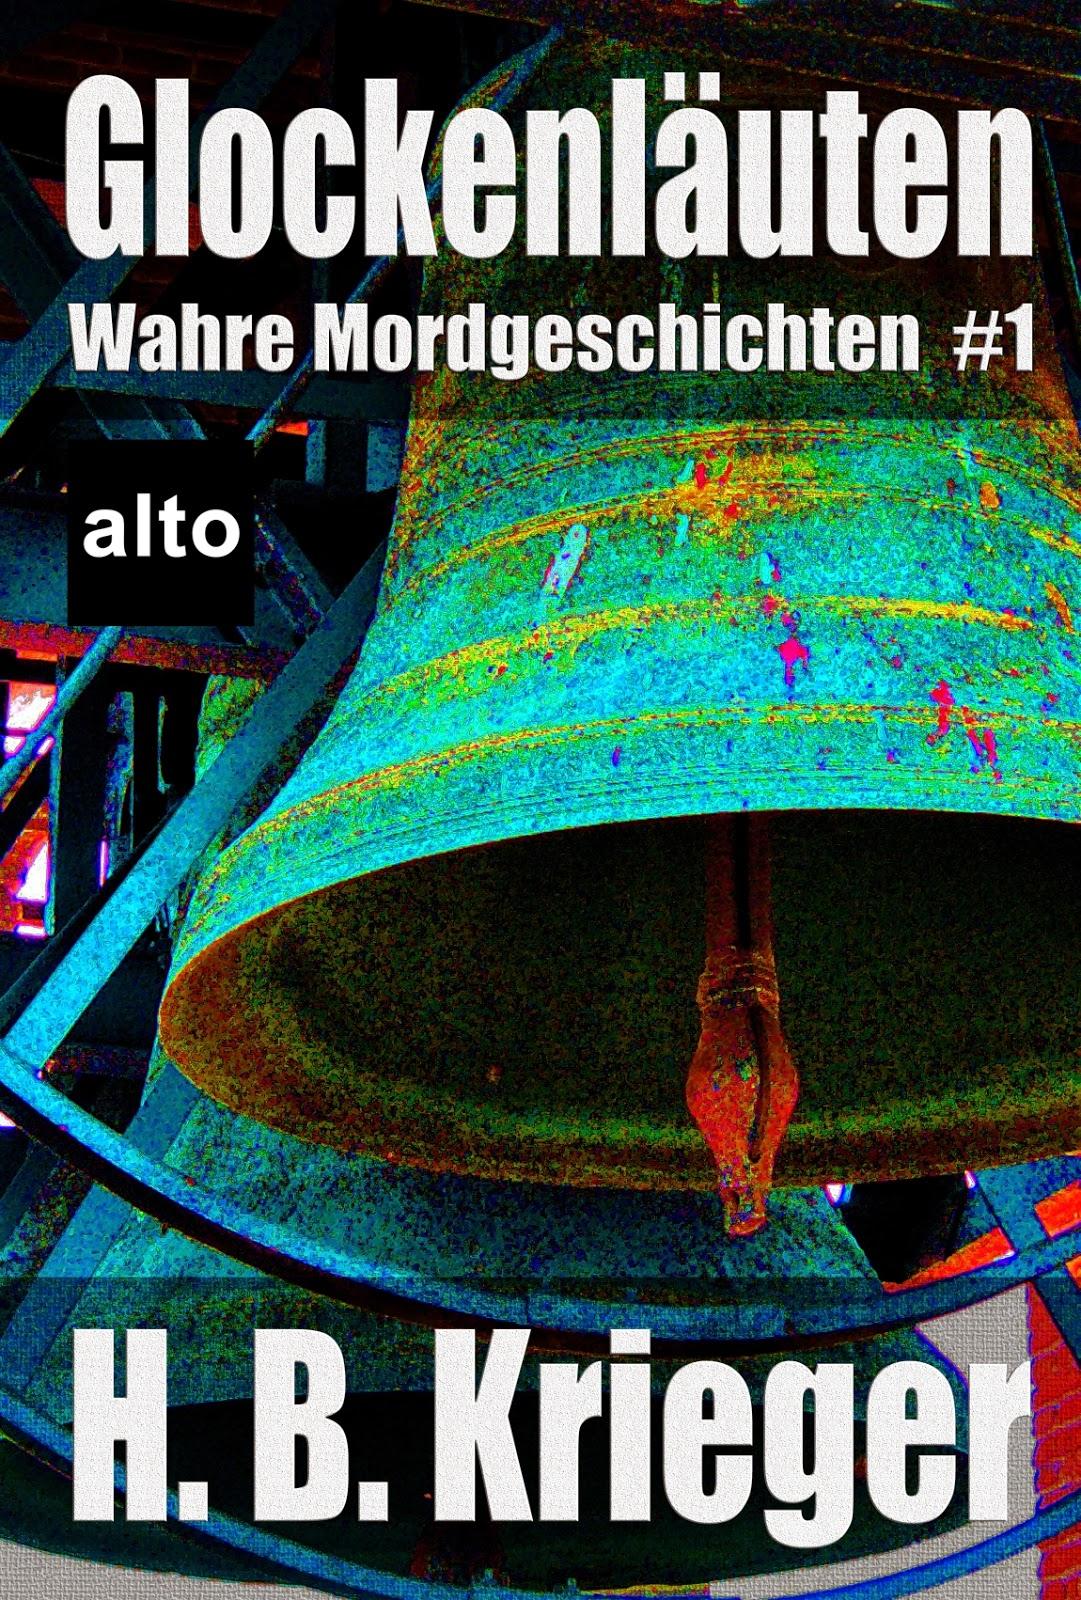 Glockenläuten bei amazon.de